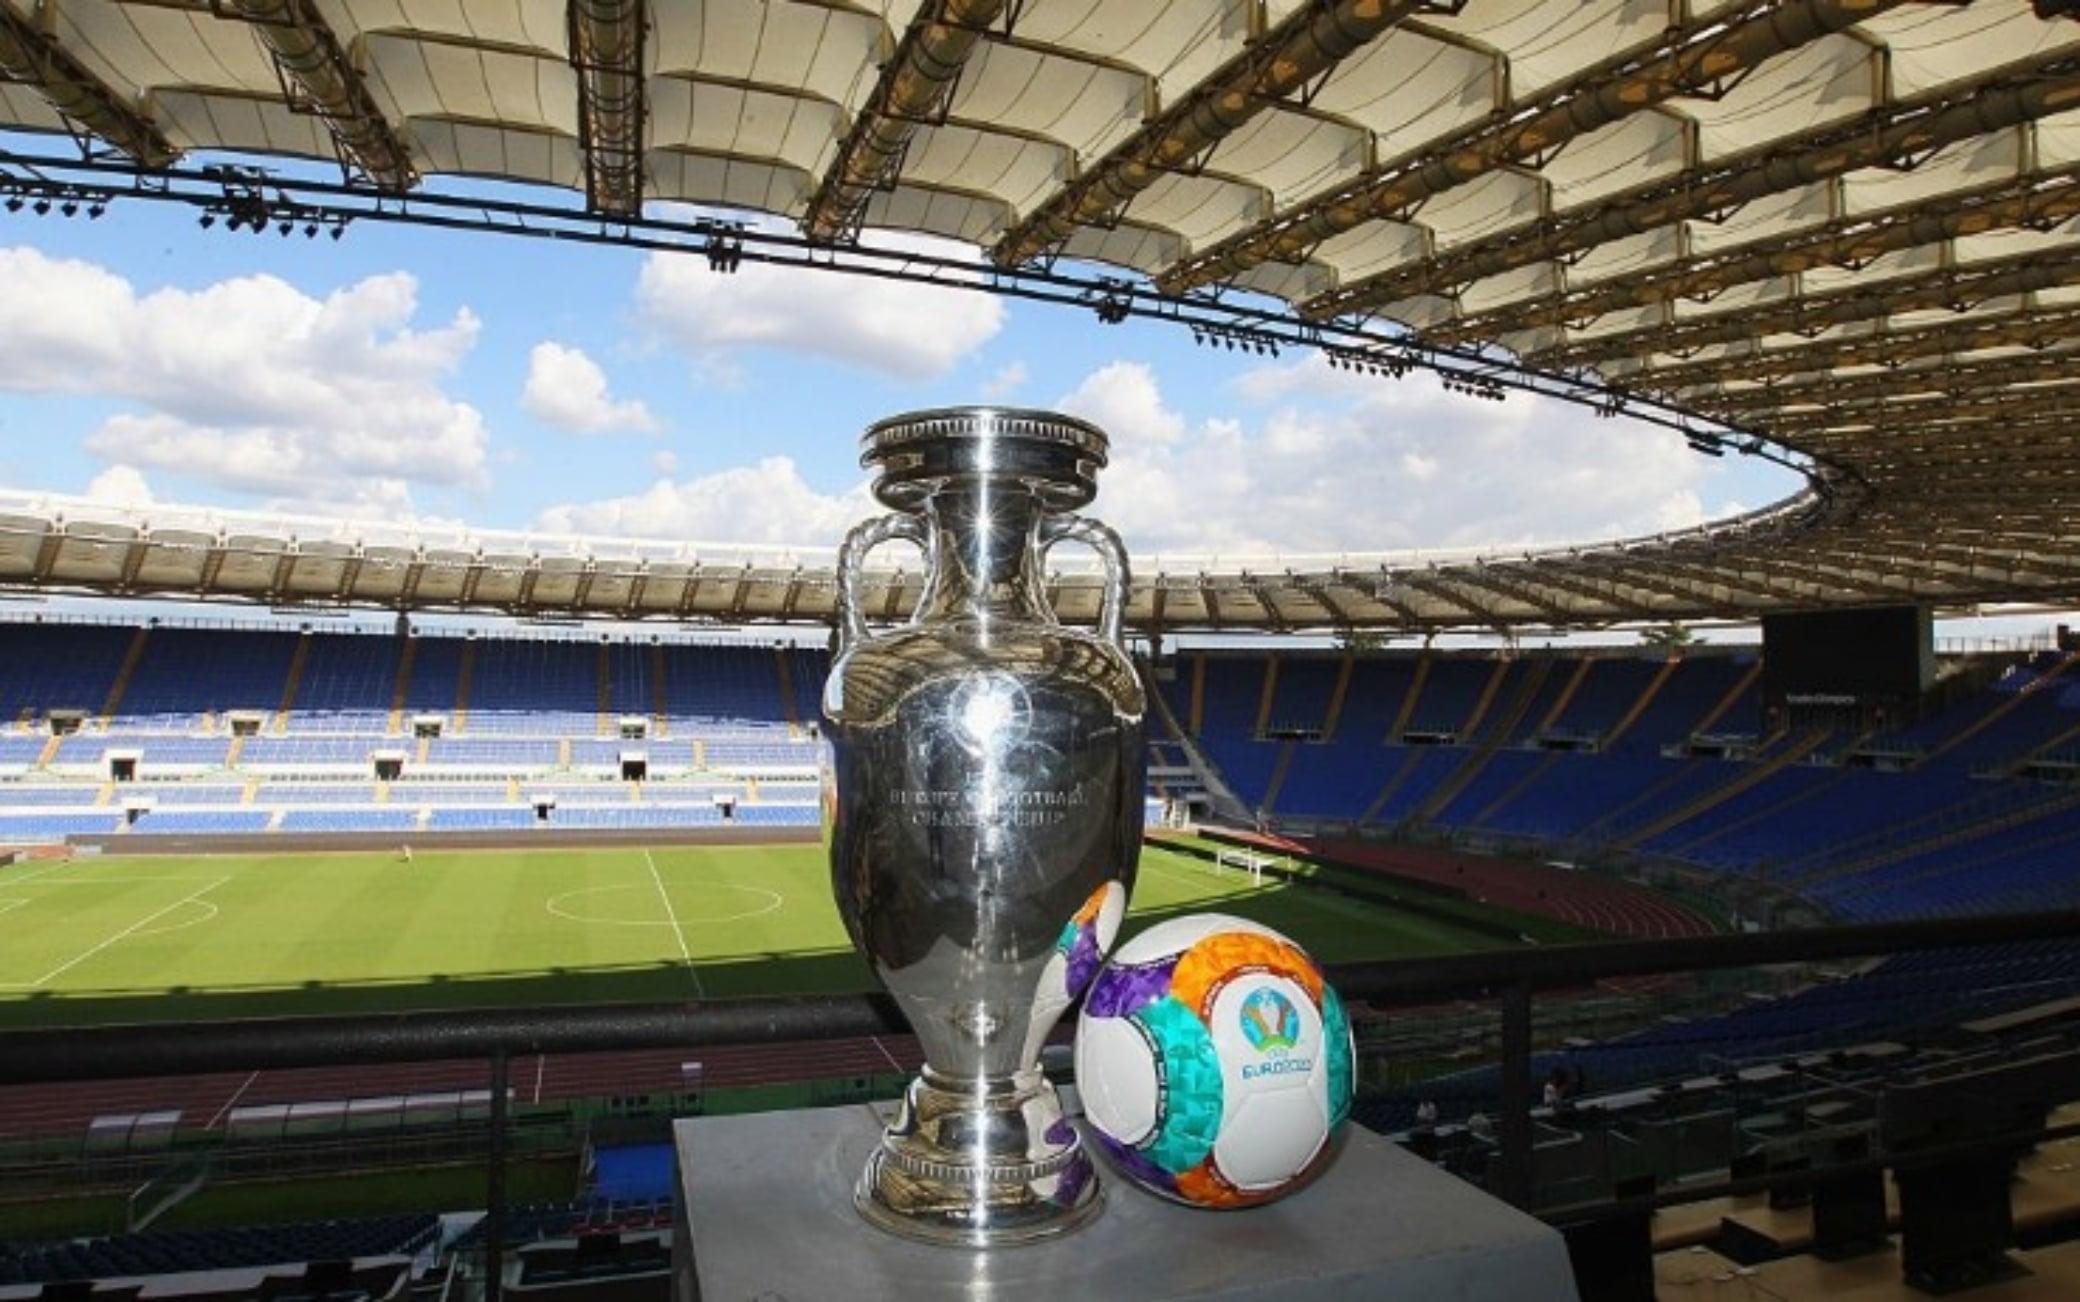 Euro2020, ecco gli stadi in cui si giocheranno gli europei di calcio 2021